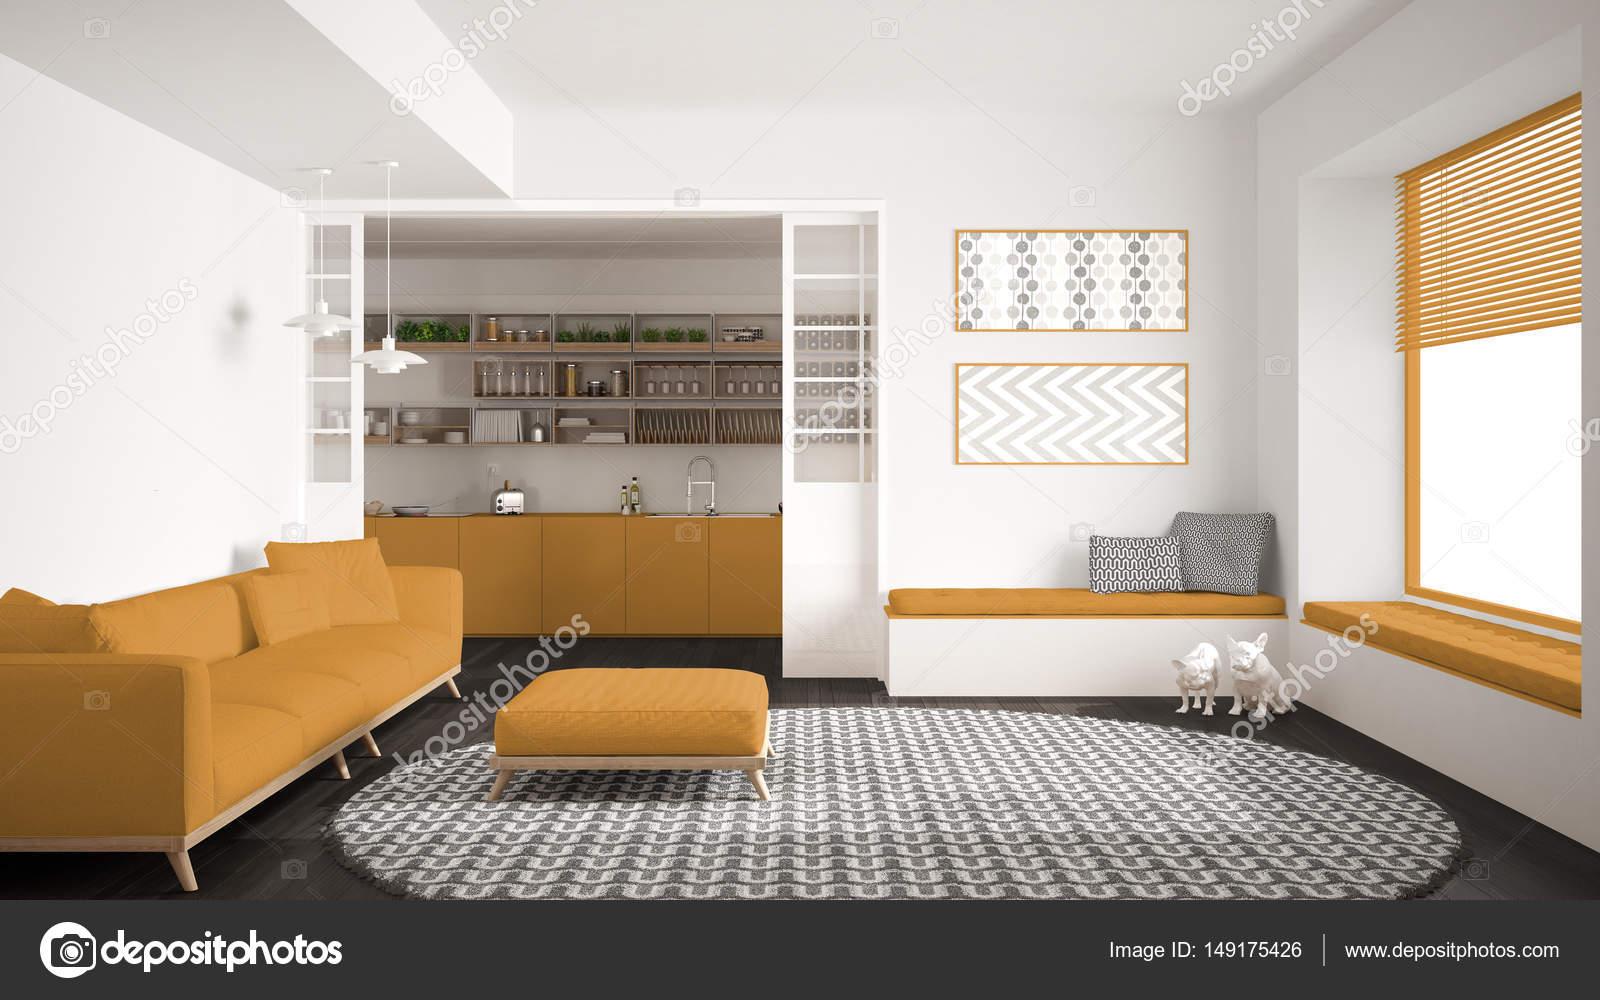 Tapijt Voor Keuken : Minimalistisch leven kamer met sofa grote ronde tapijt en keuken ik